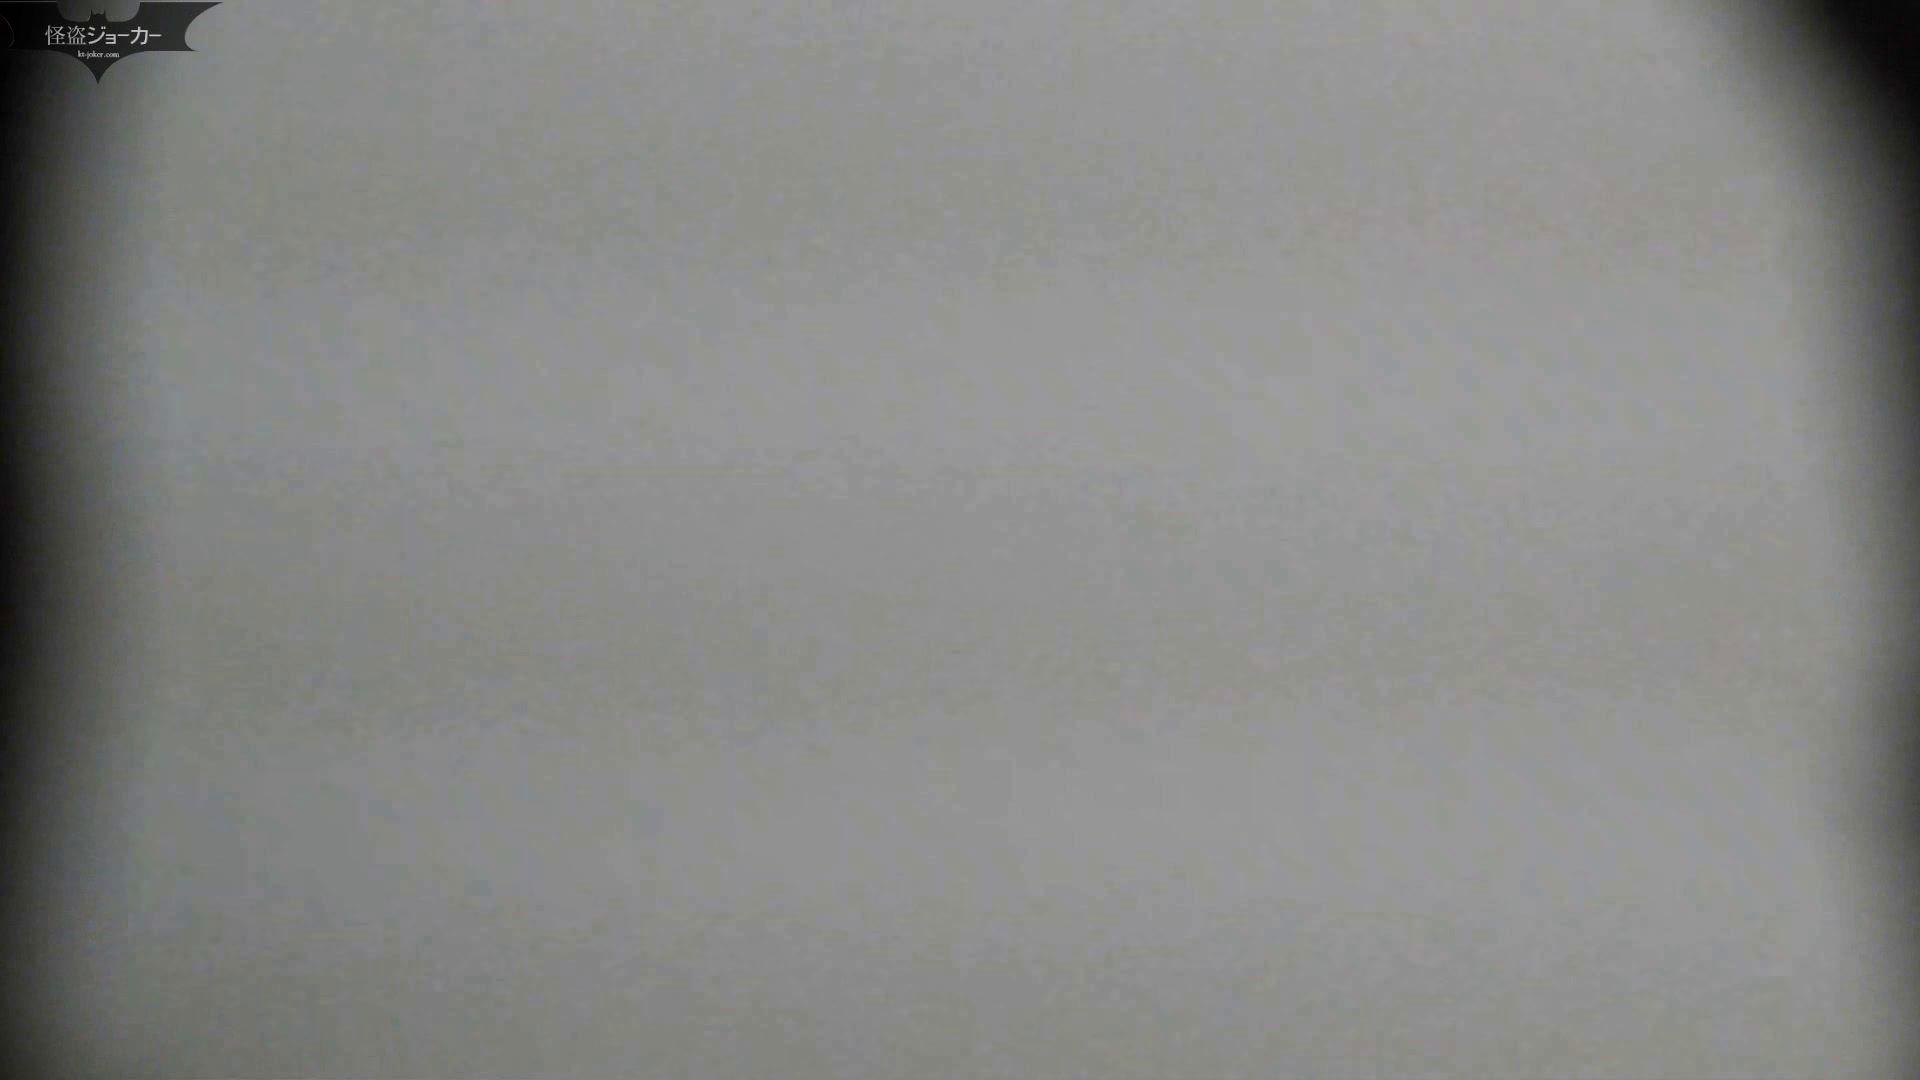 【美しき個室な世界】洗面所特攻隊 vol.051 洗面所着替え   OL  61連発 41